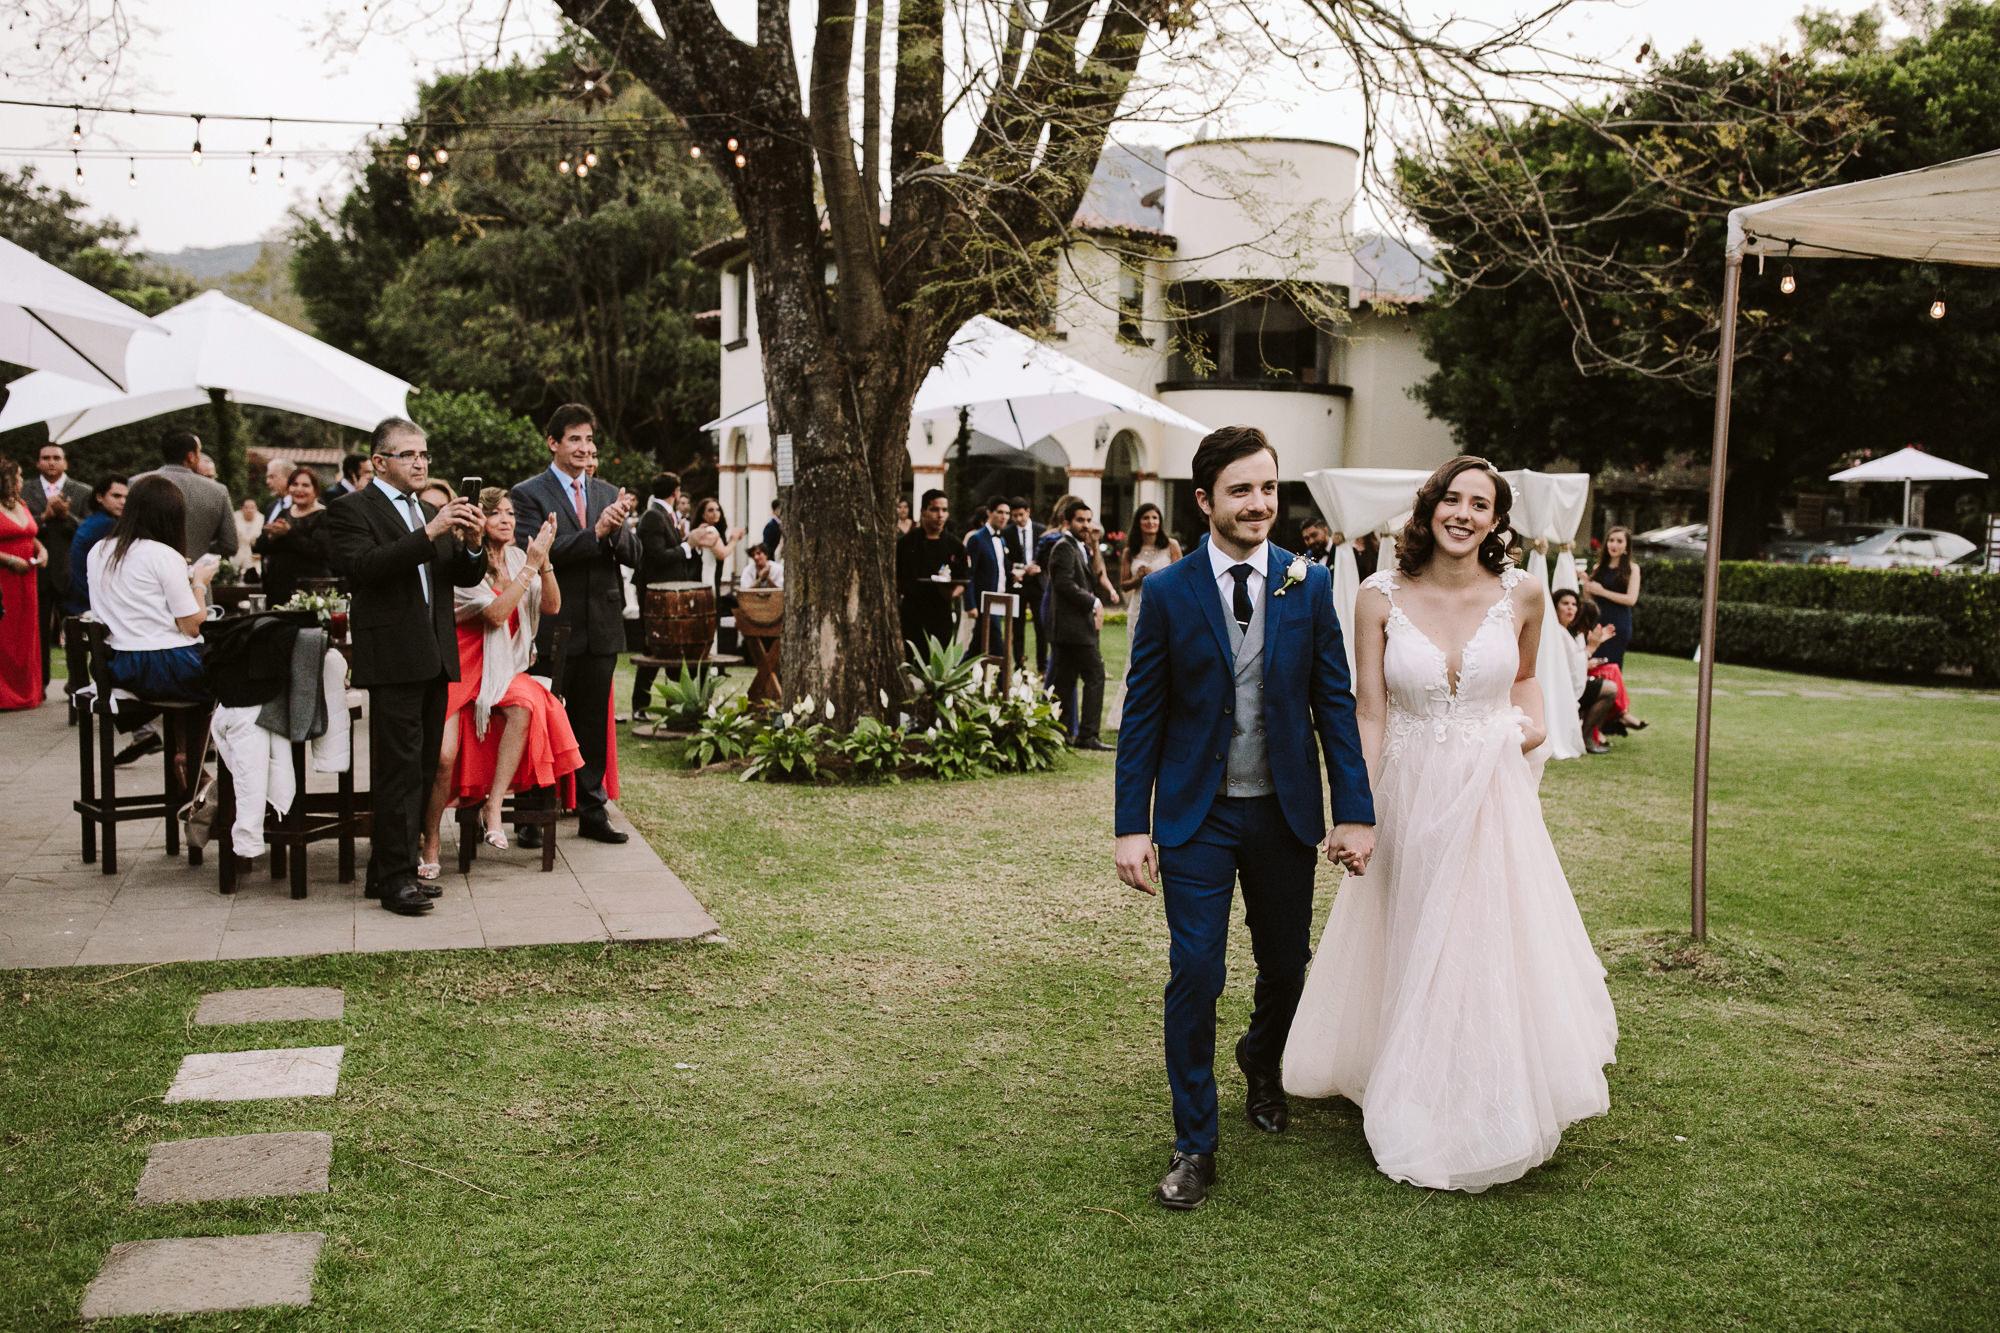 bodas_en_tepoztlan_casa_bugambilia_alfonso_flores_destination_wedding_photographer184.jpg